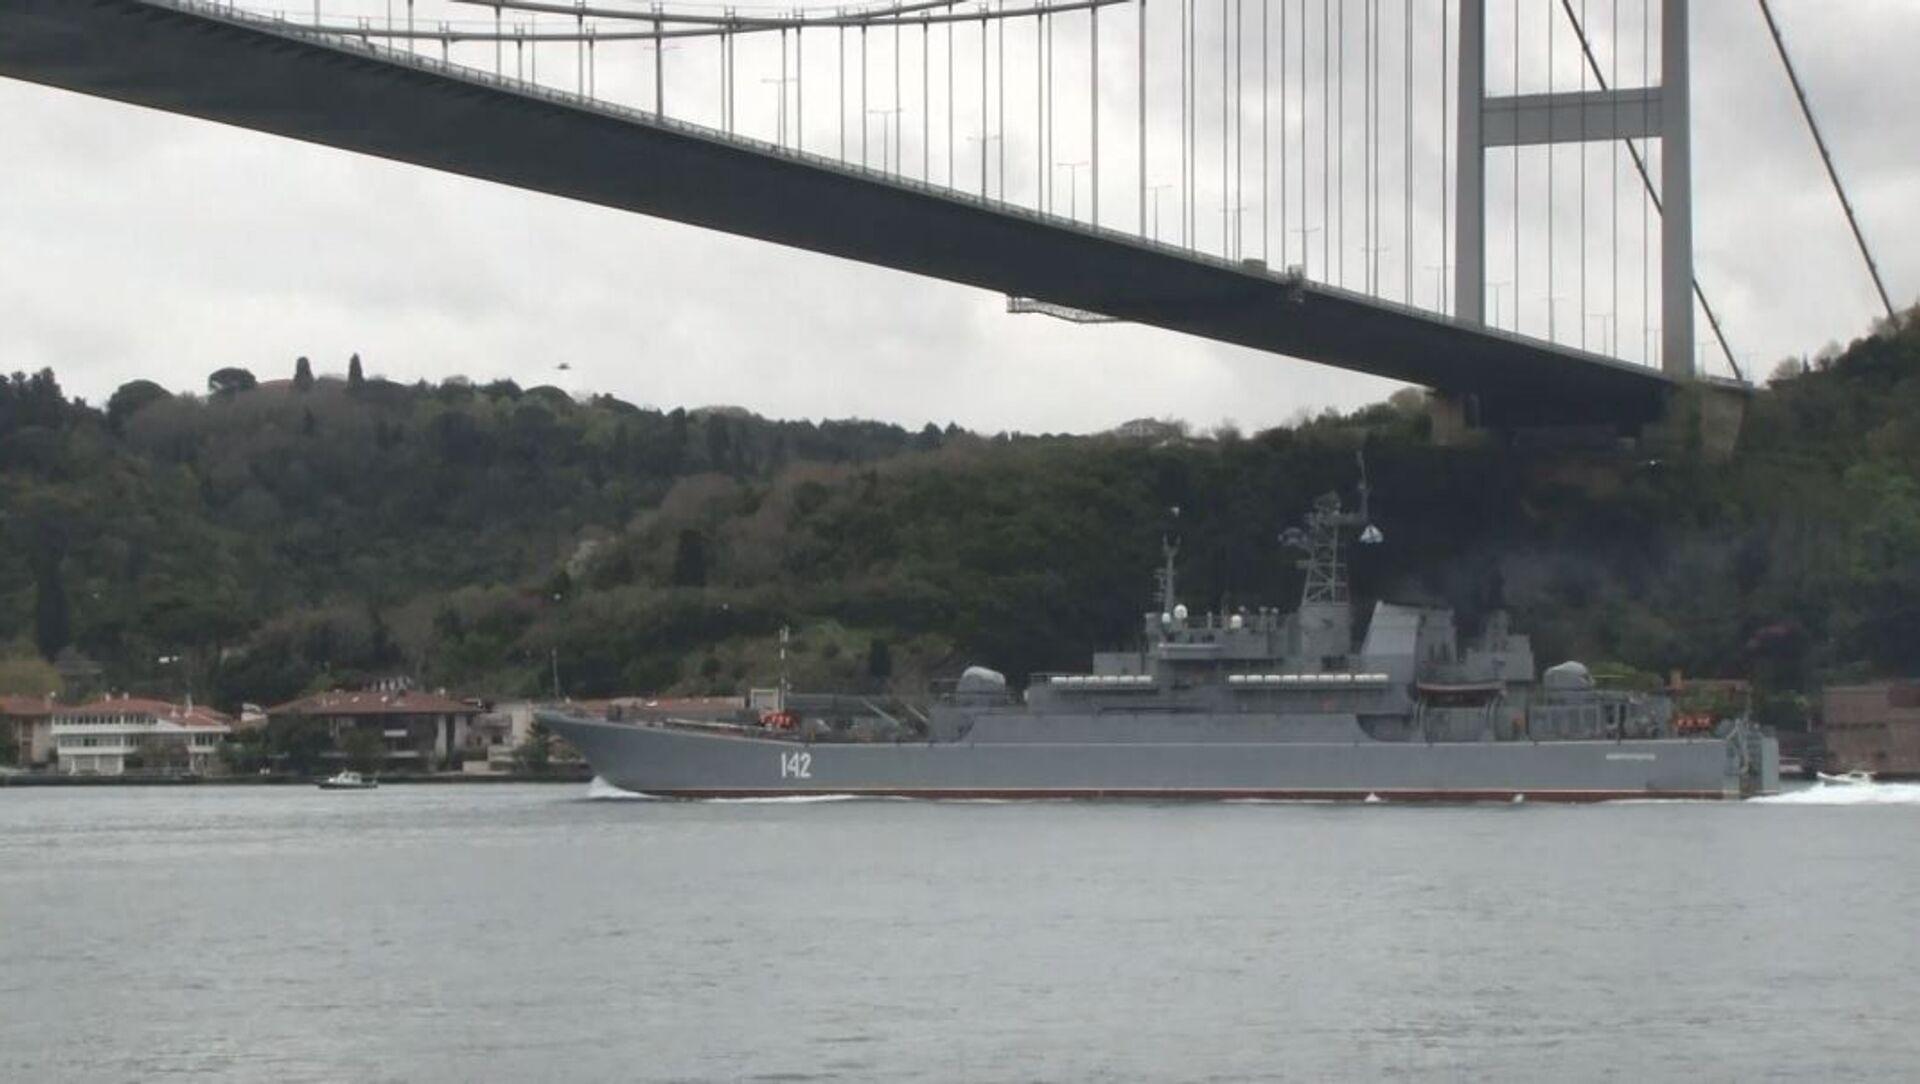 Rus savaş gemisi İstanbul Boğazı'ndan geçti - Sputnik Türkiye, 1920, 25.04.2021